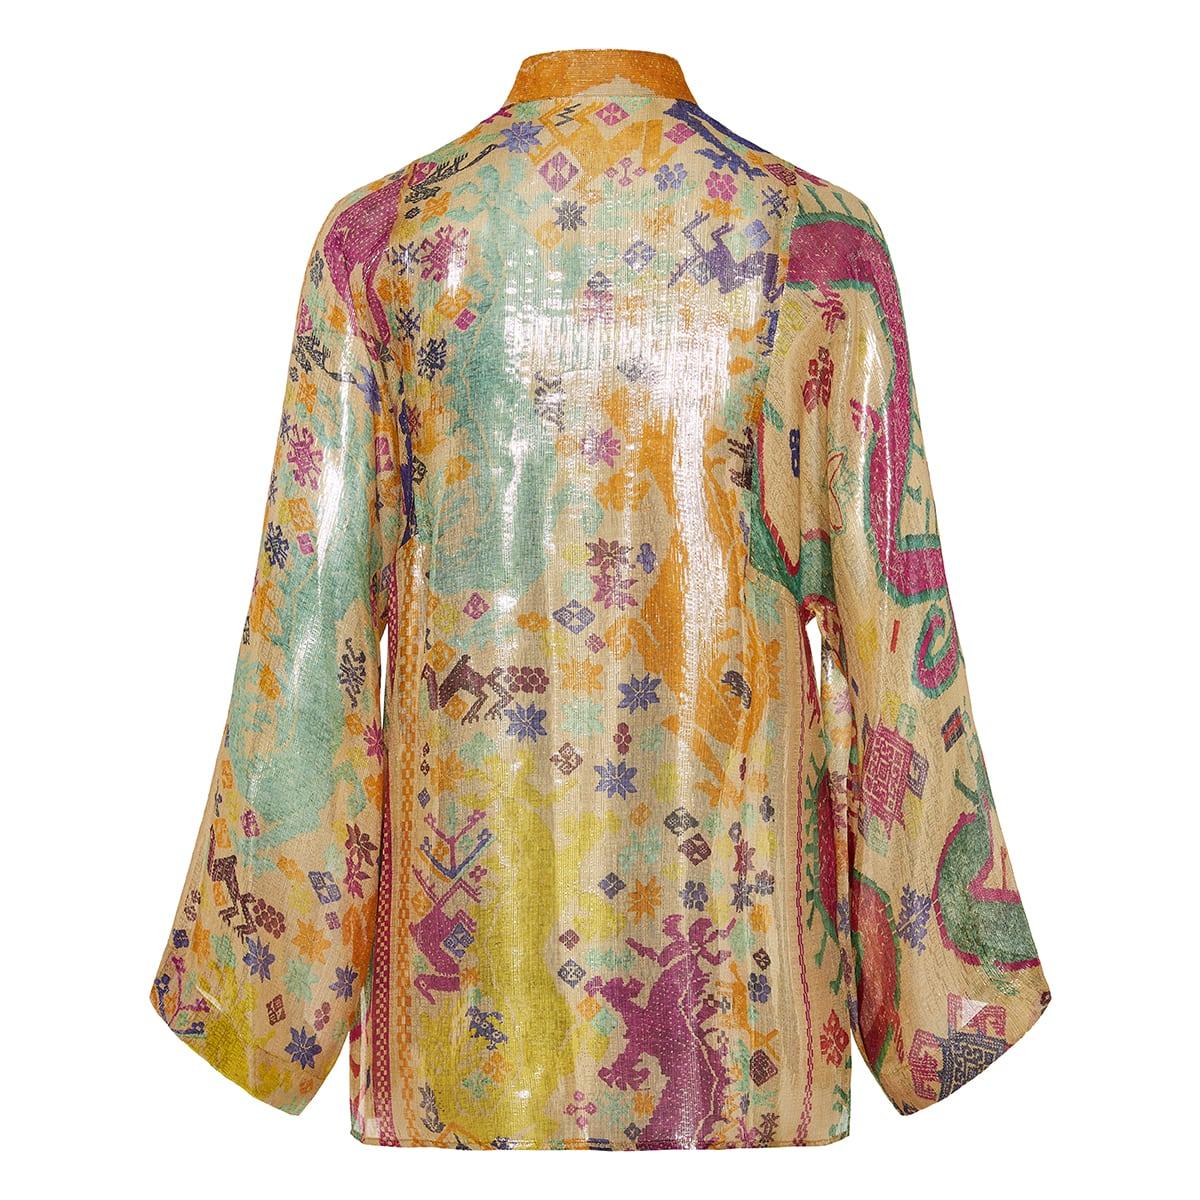 Laminated printed shirt